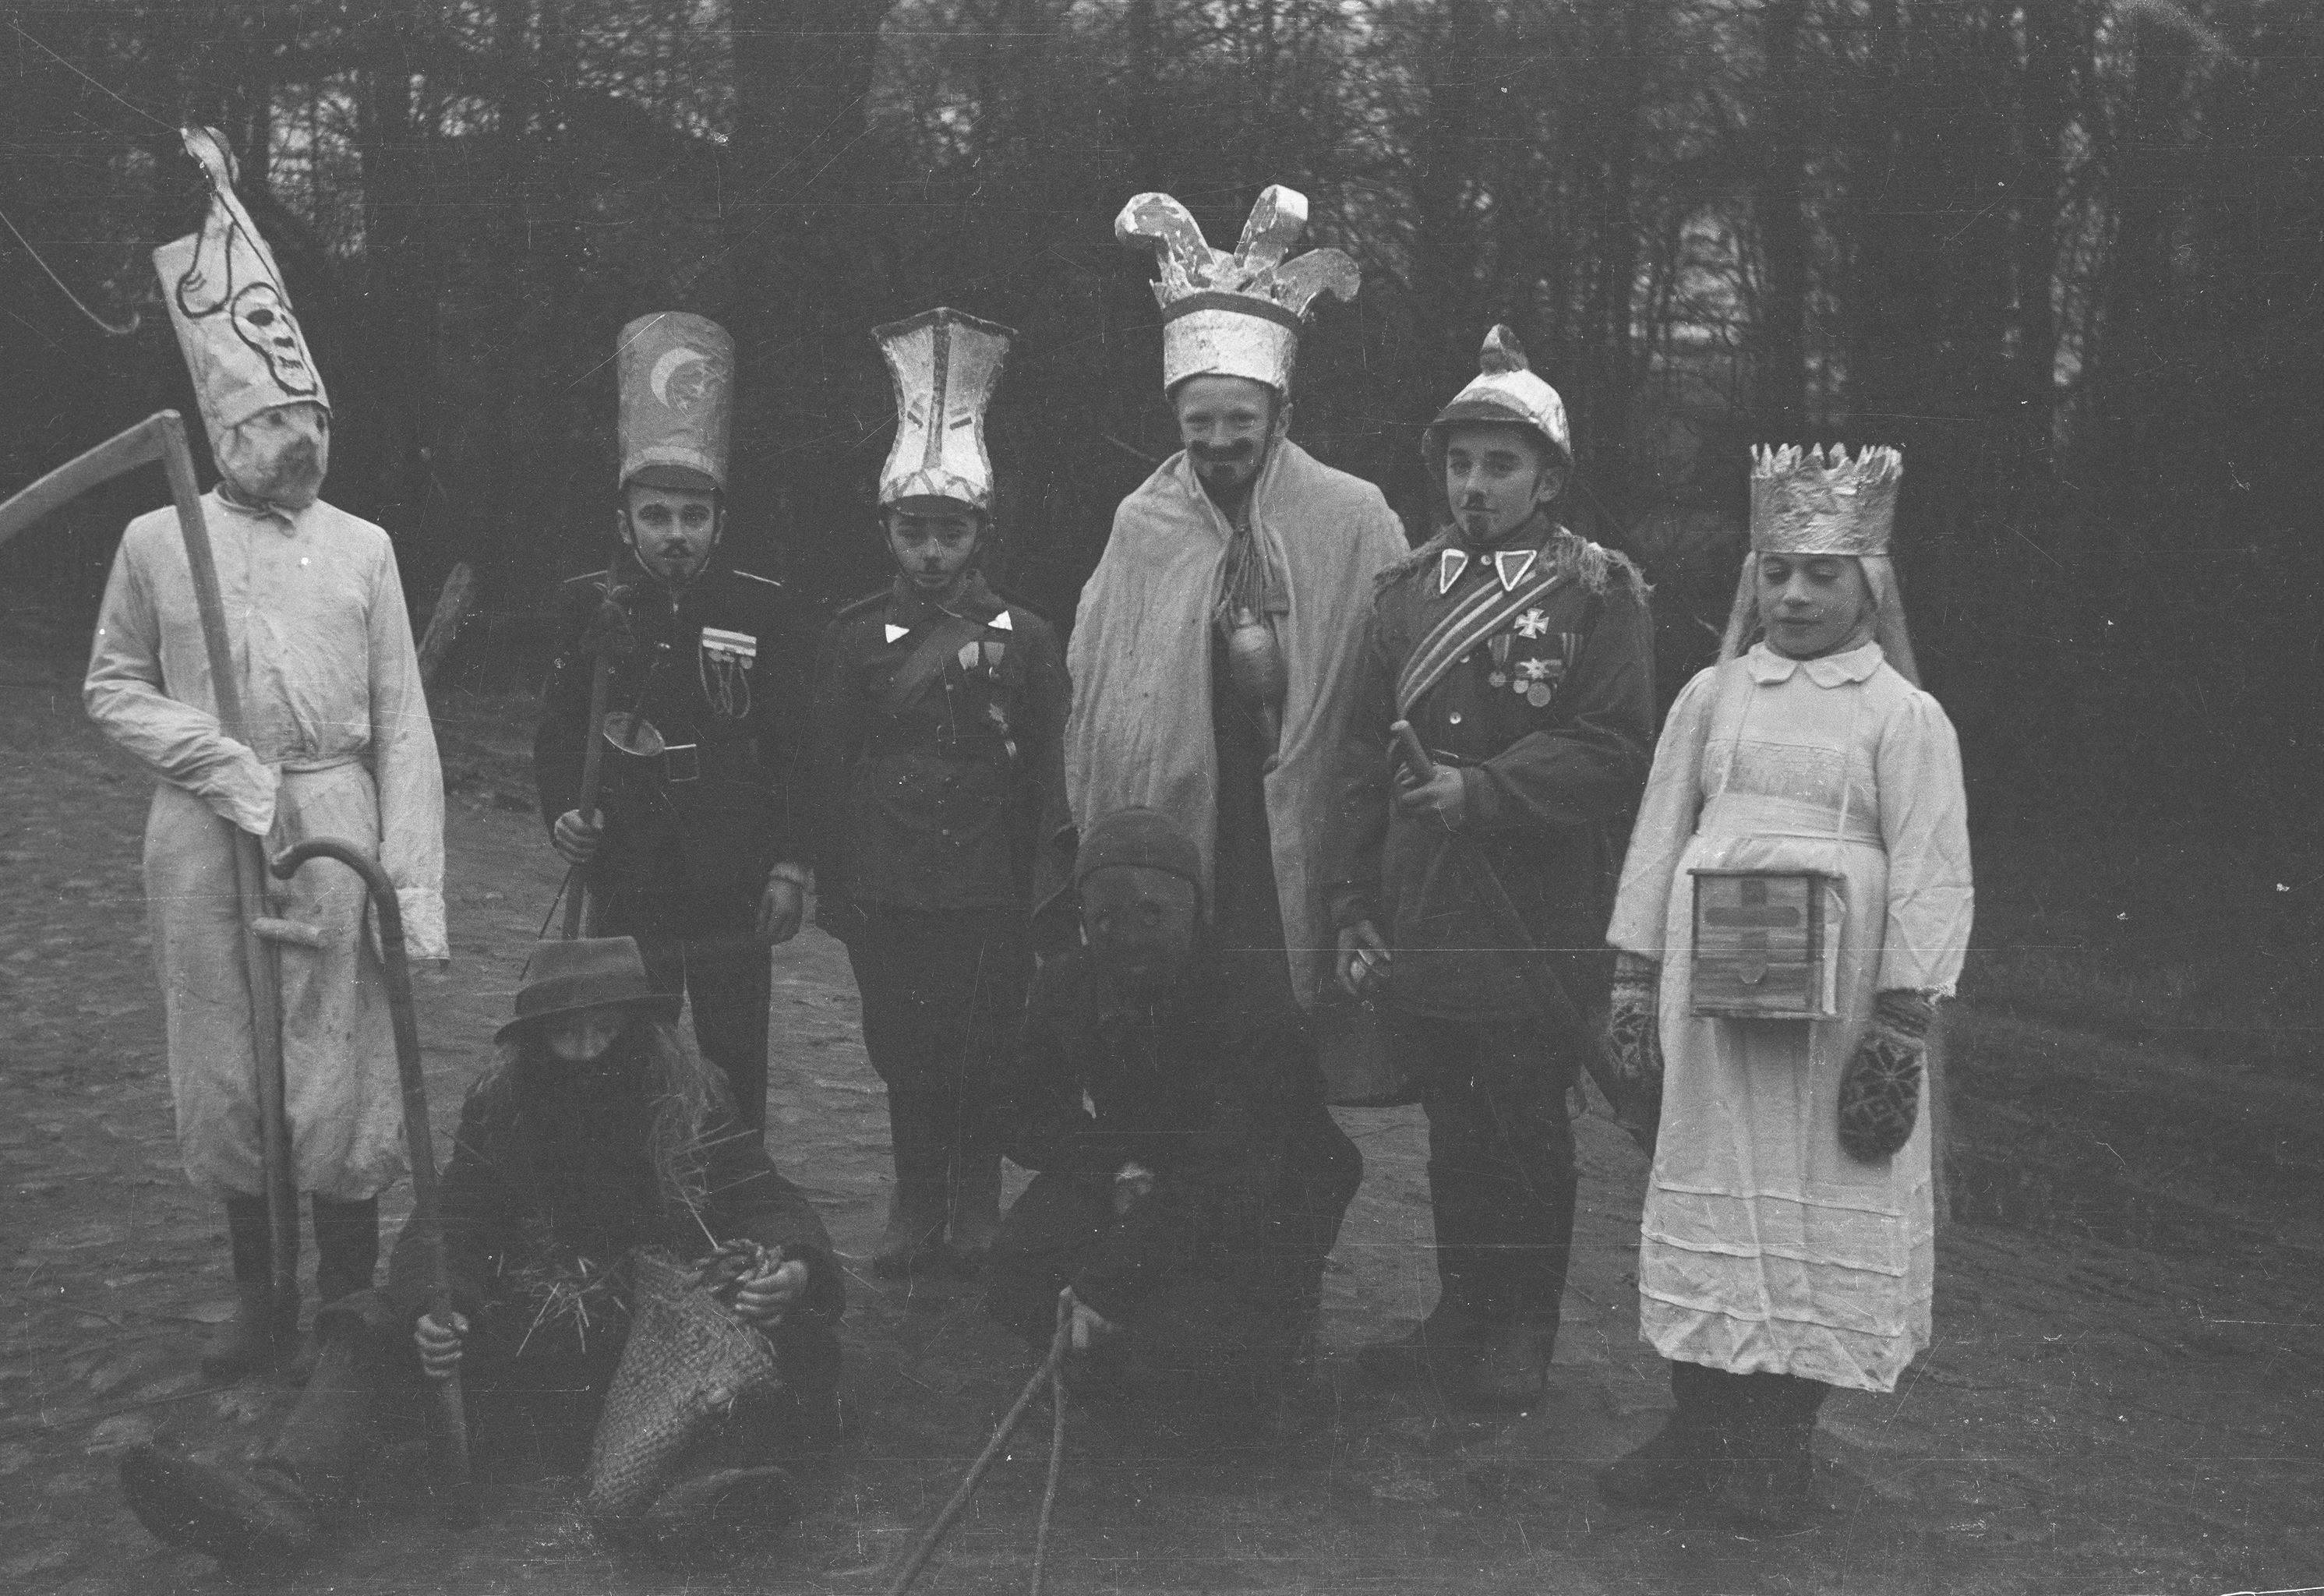 Grupa kolędnicza, Brzózka, Dolny Śląsk, koniec lat 50. XX w.